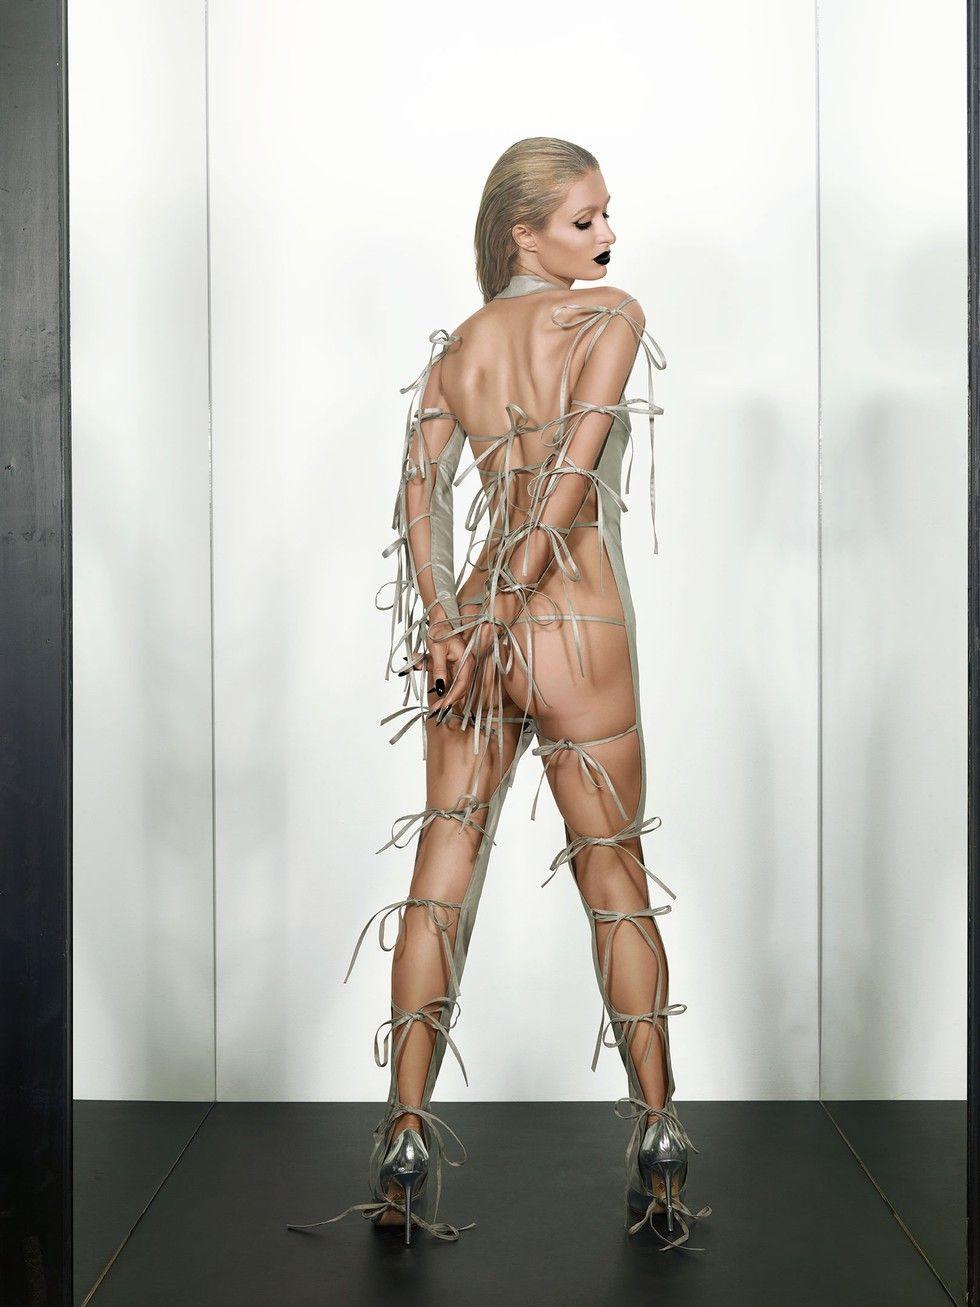 Celebrity nude paris leaked hilton